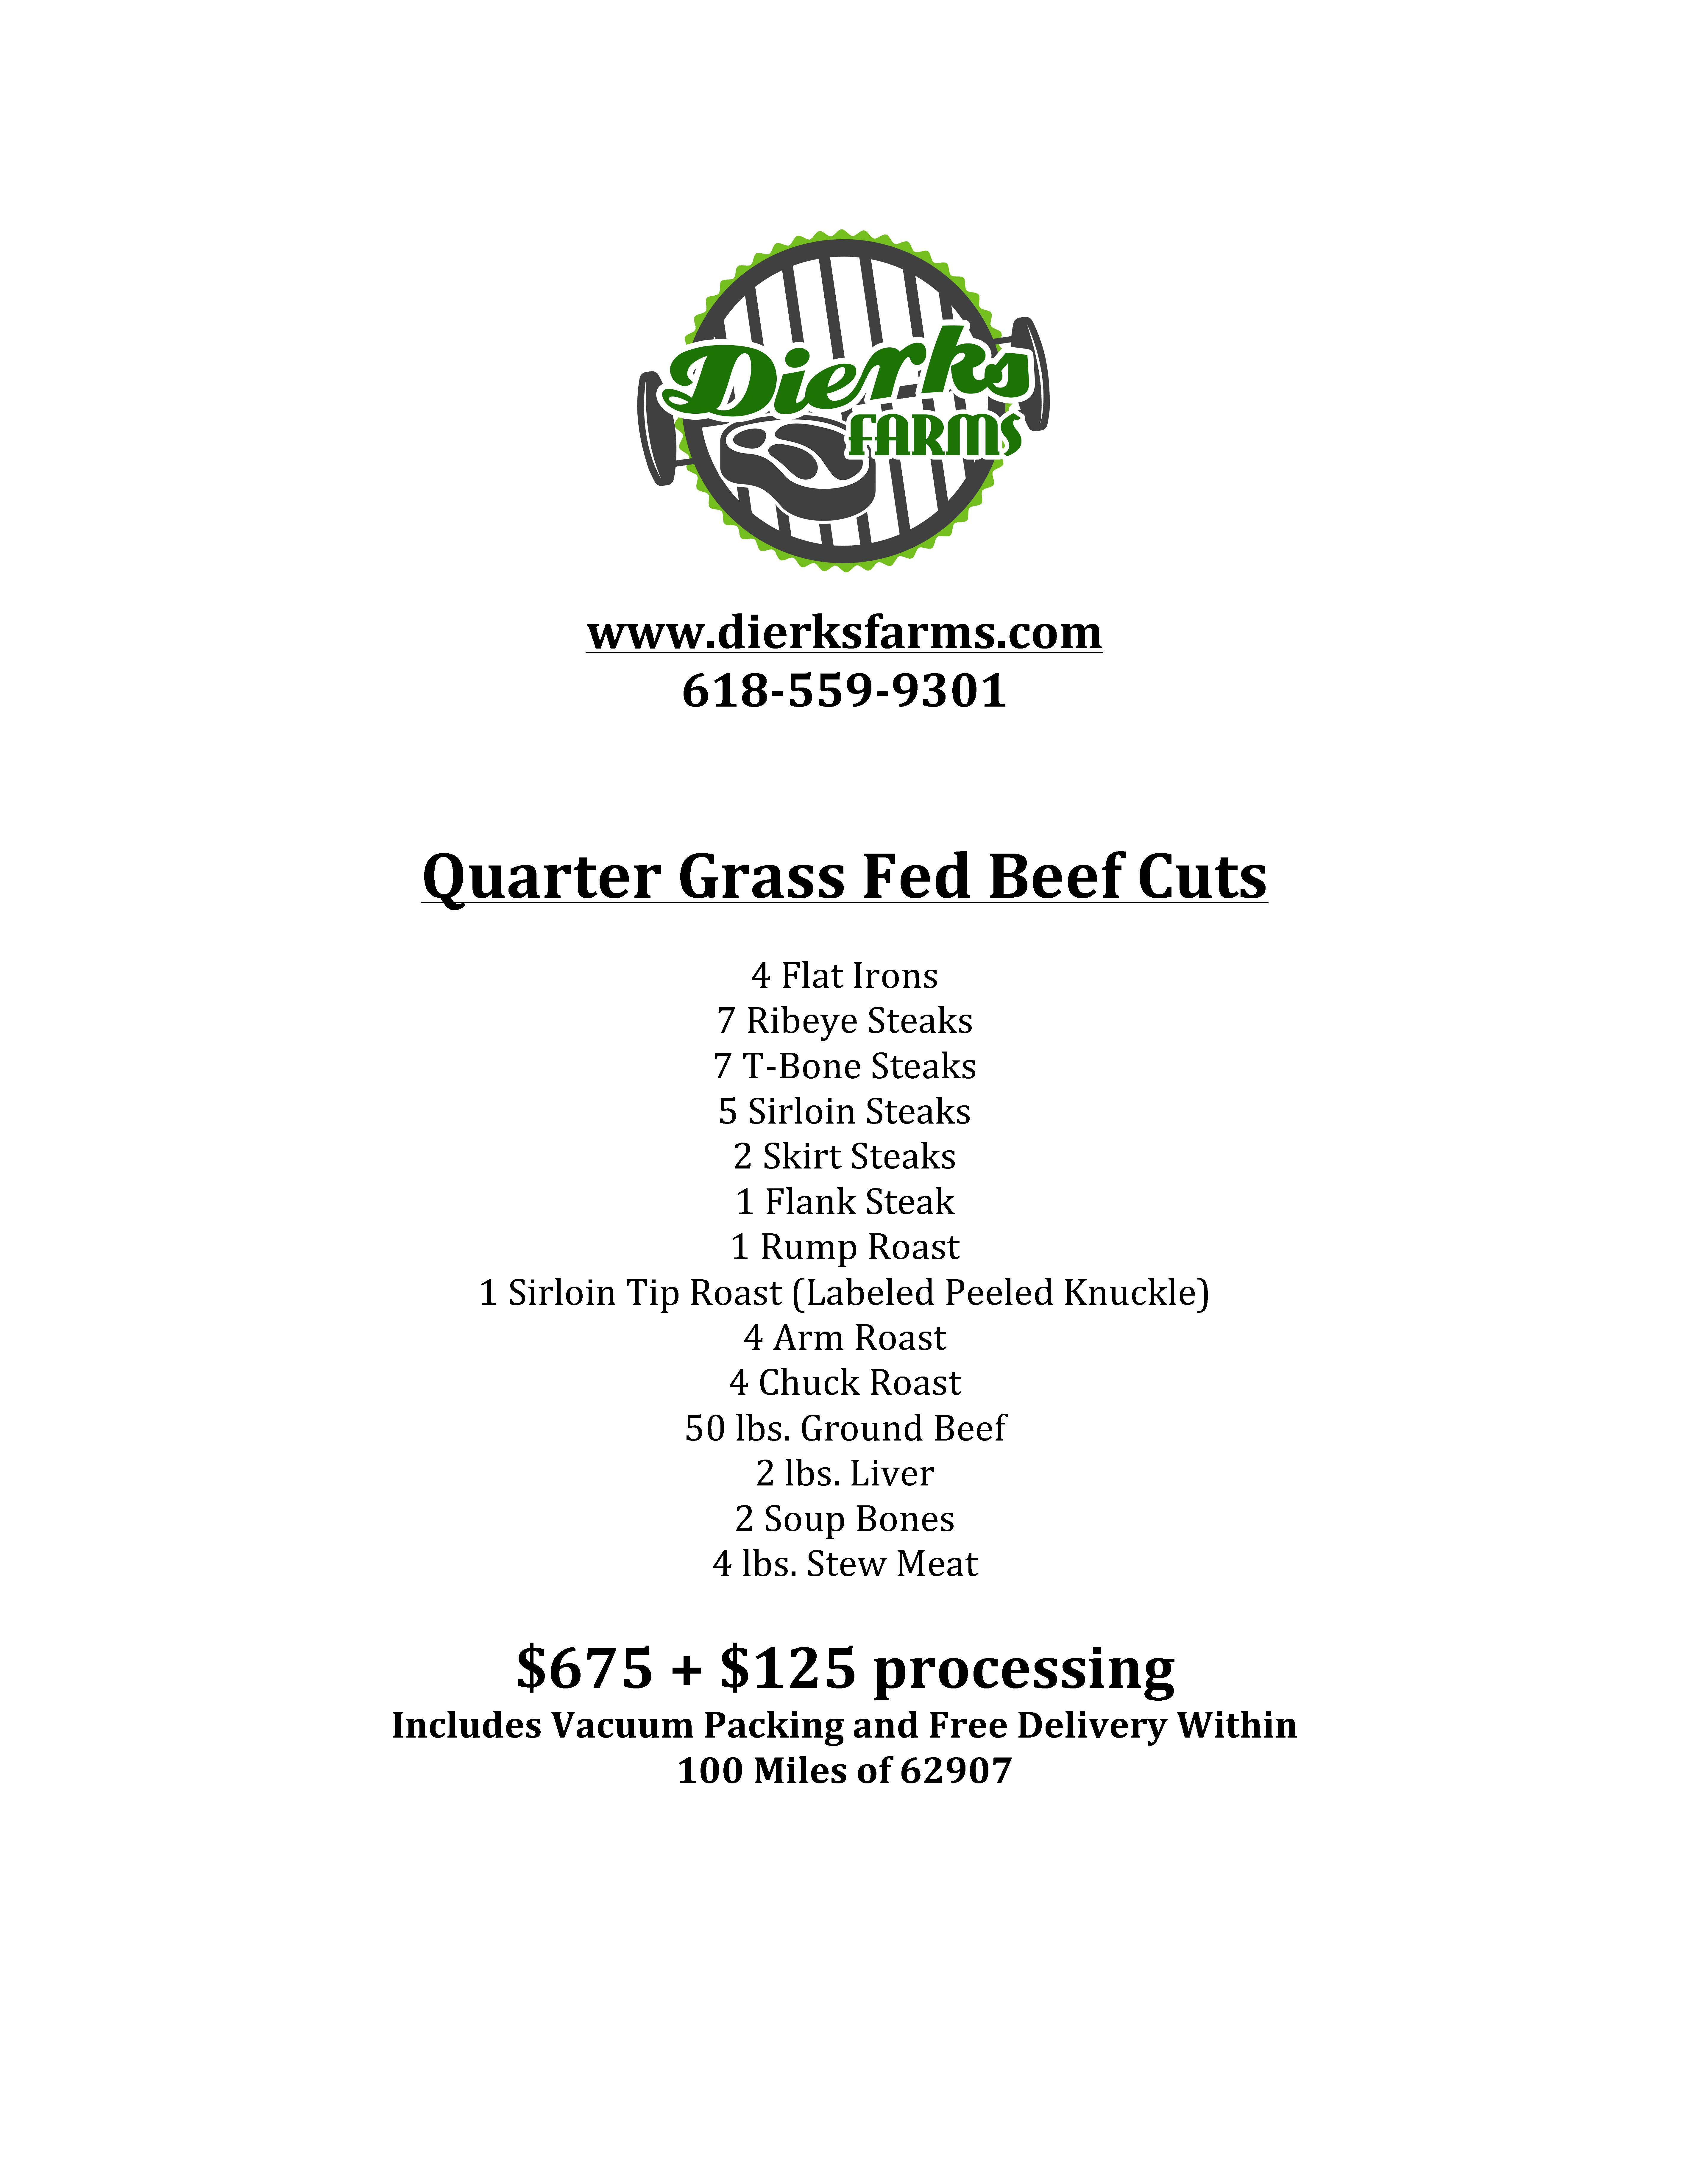 Dierks Farms Grass Fed Beef Quarter Cuts